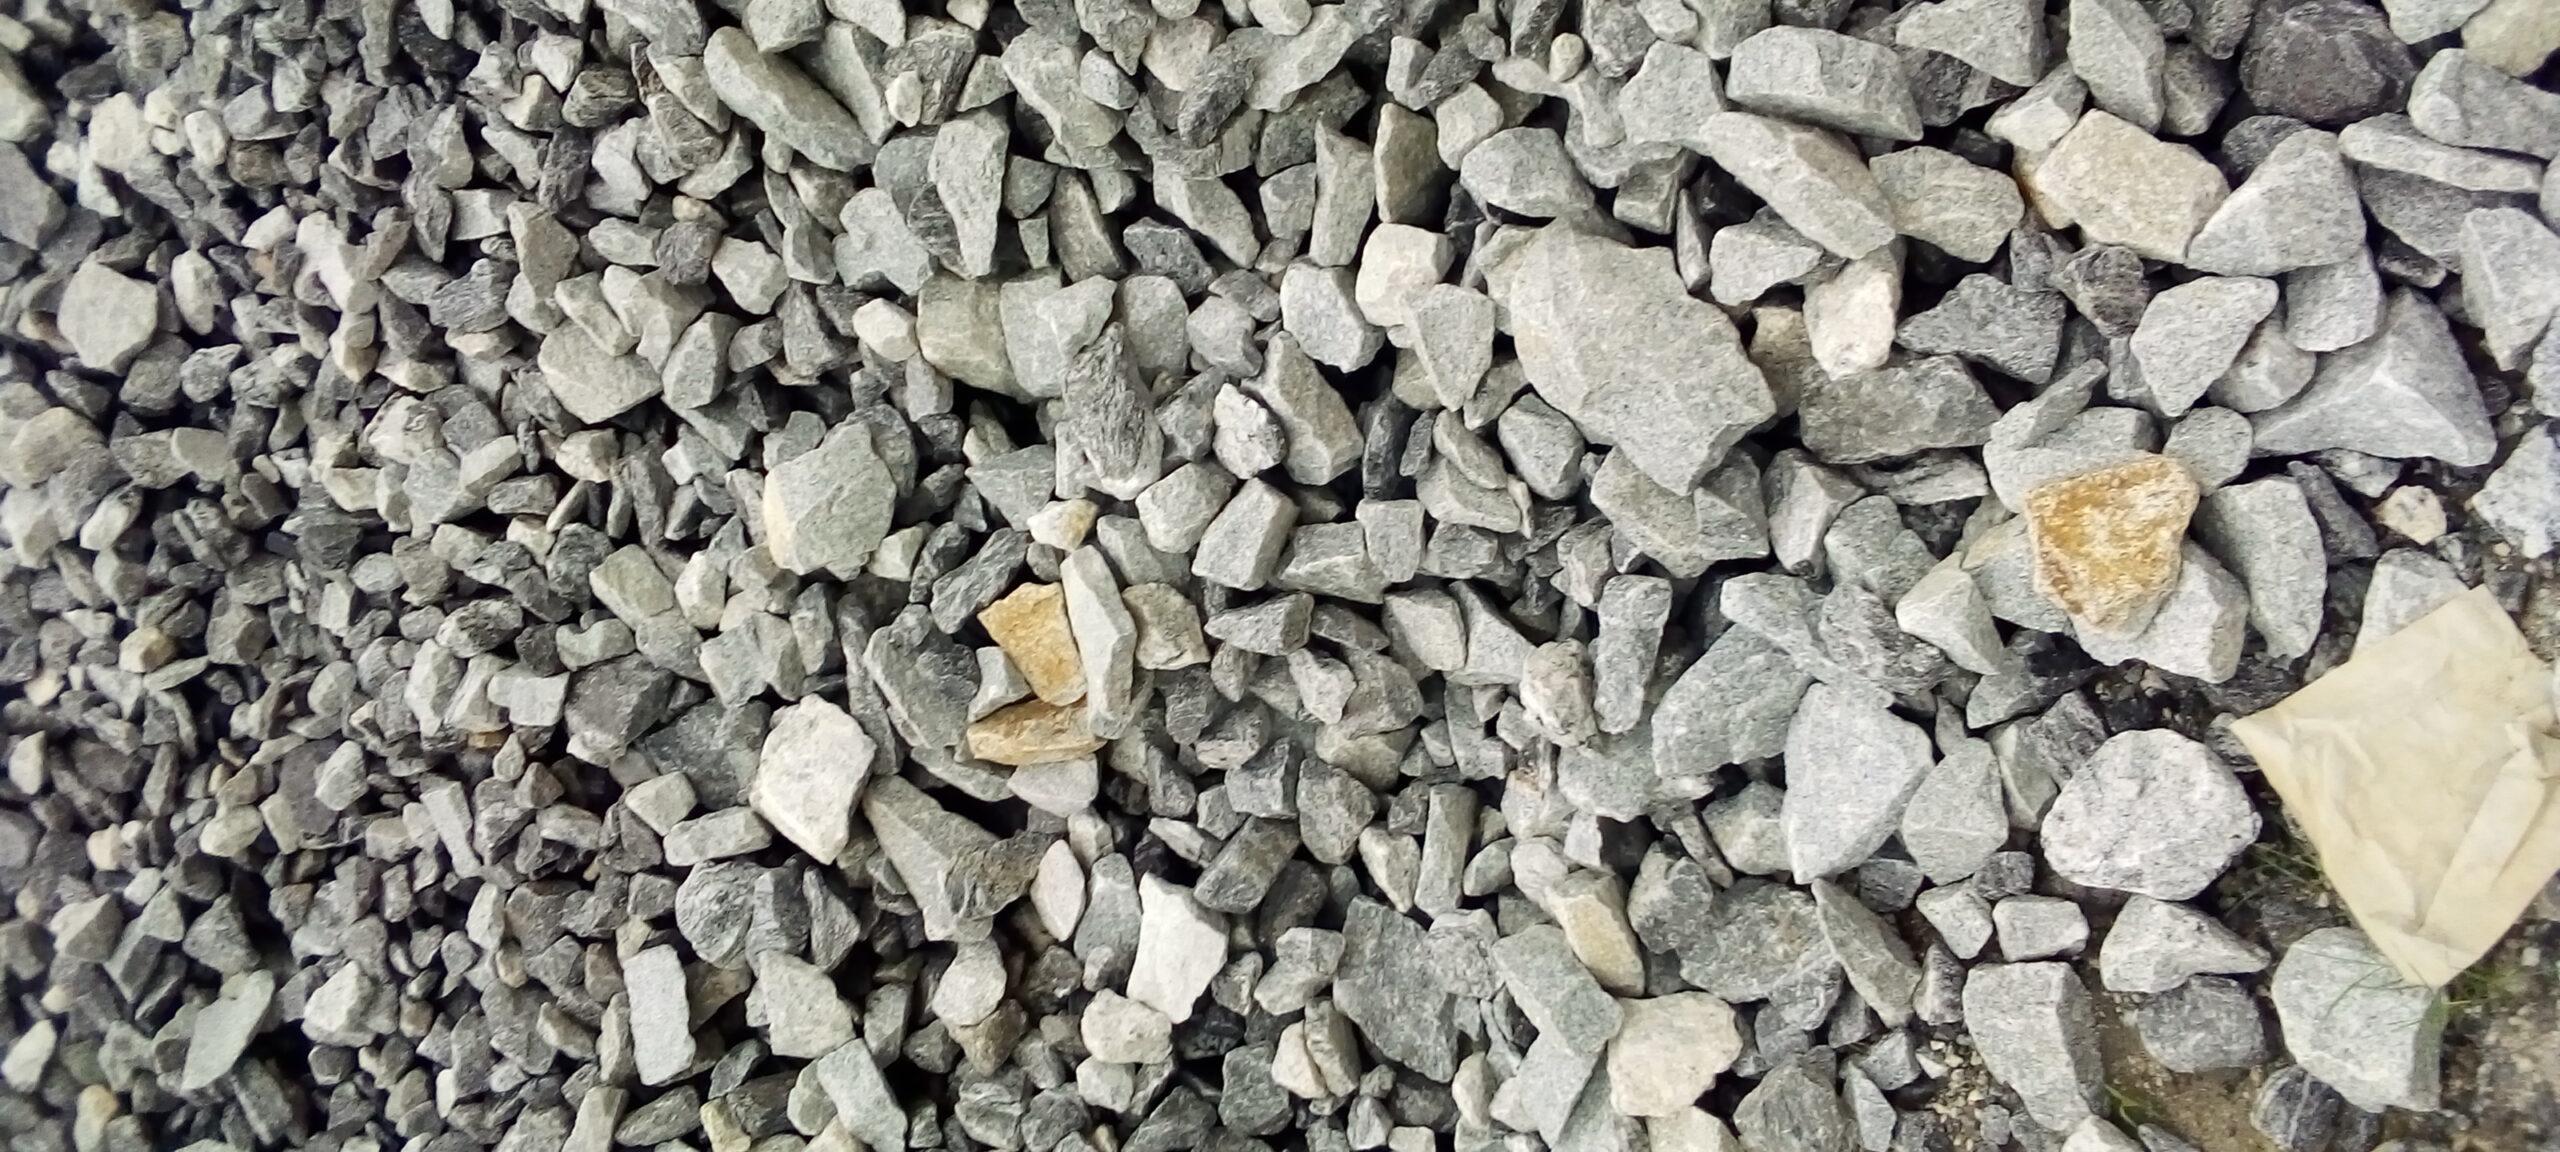 A trip of Granite price in Nigeria